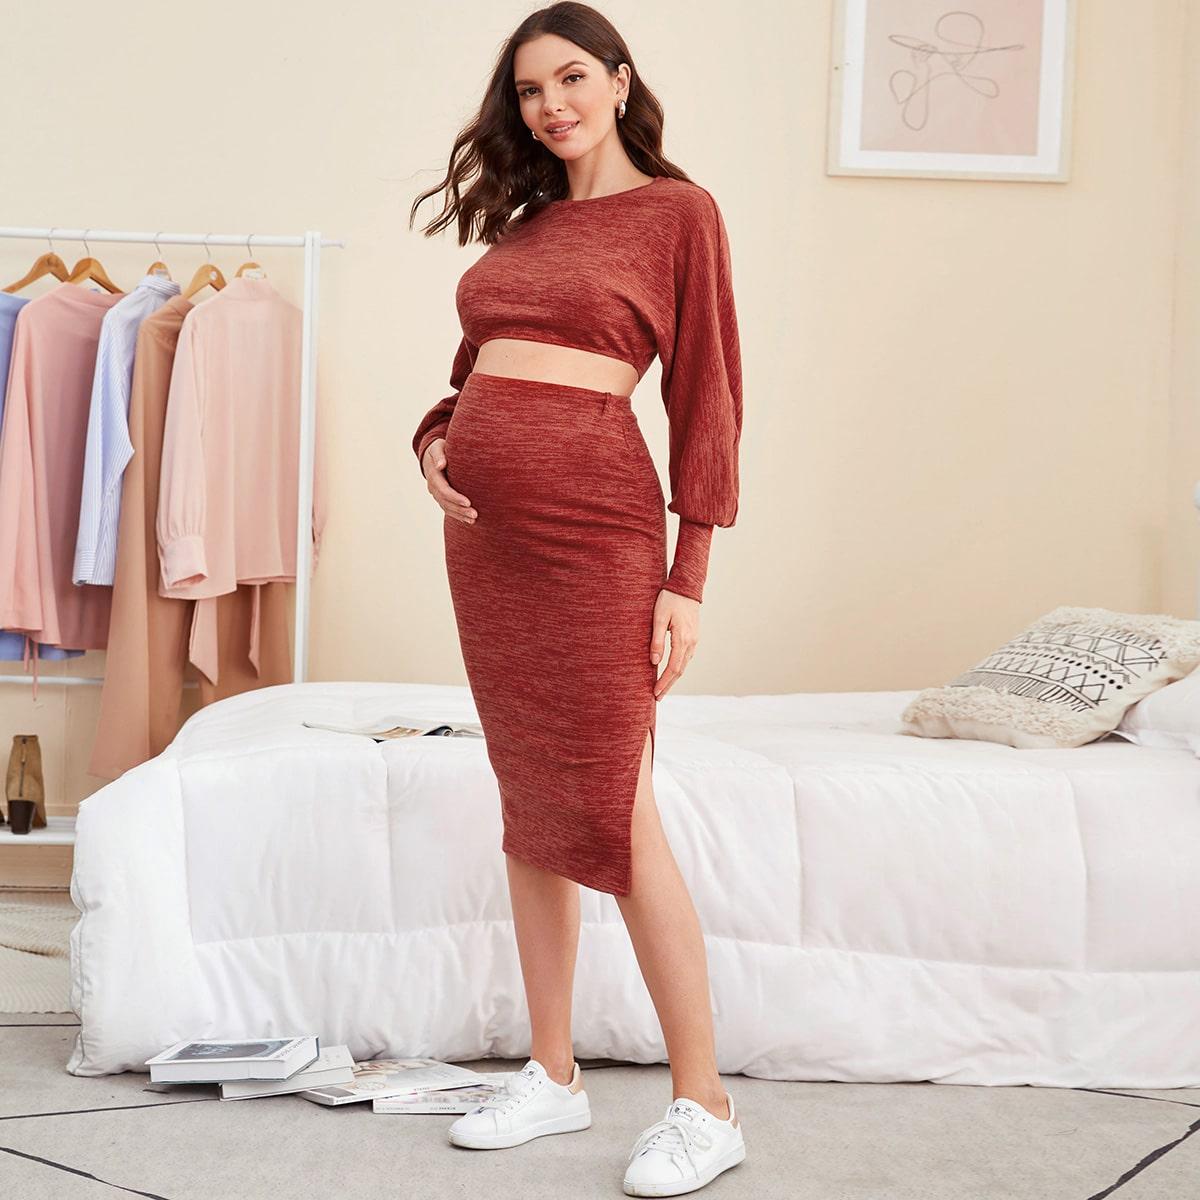 Spacco  ровный цвет повседневный комплекты для беременных